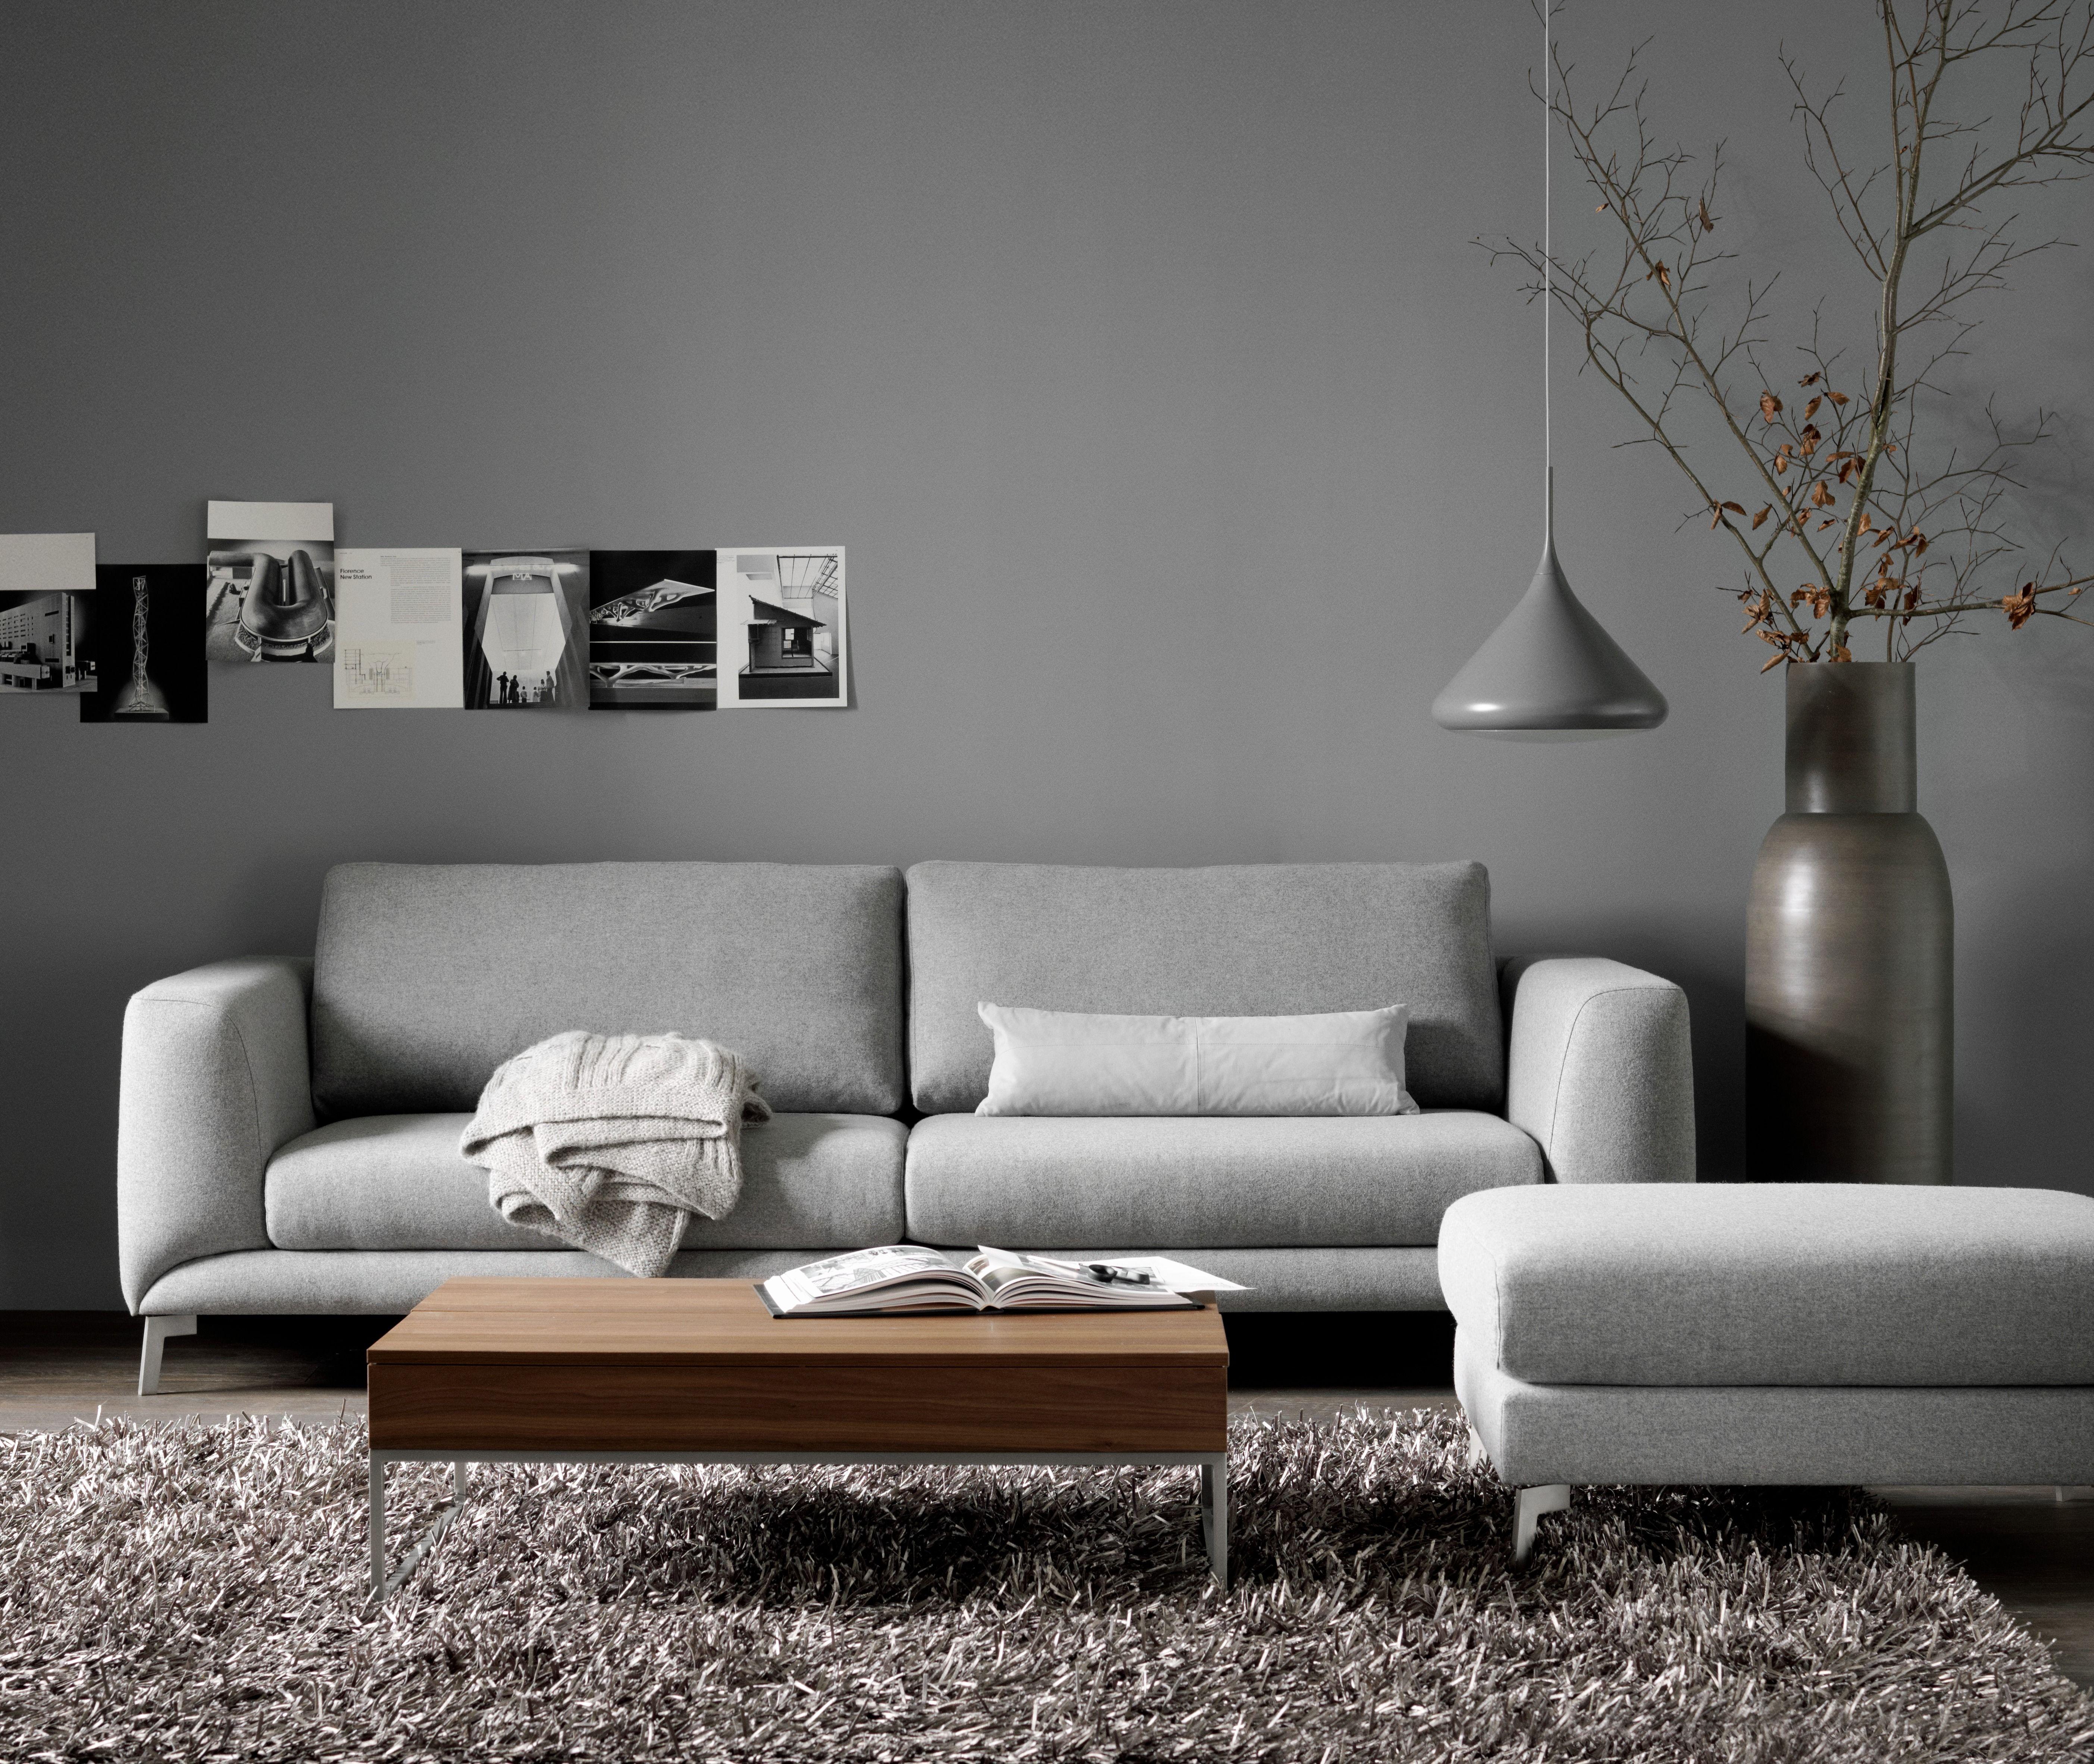 Fargo Sofa––Chiva Coffe Table––Drop Pendant––Cato Rug All sofas